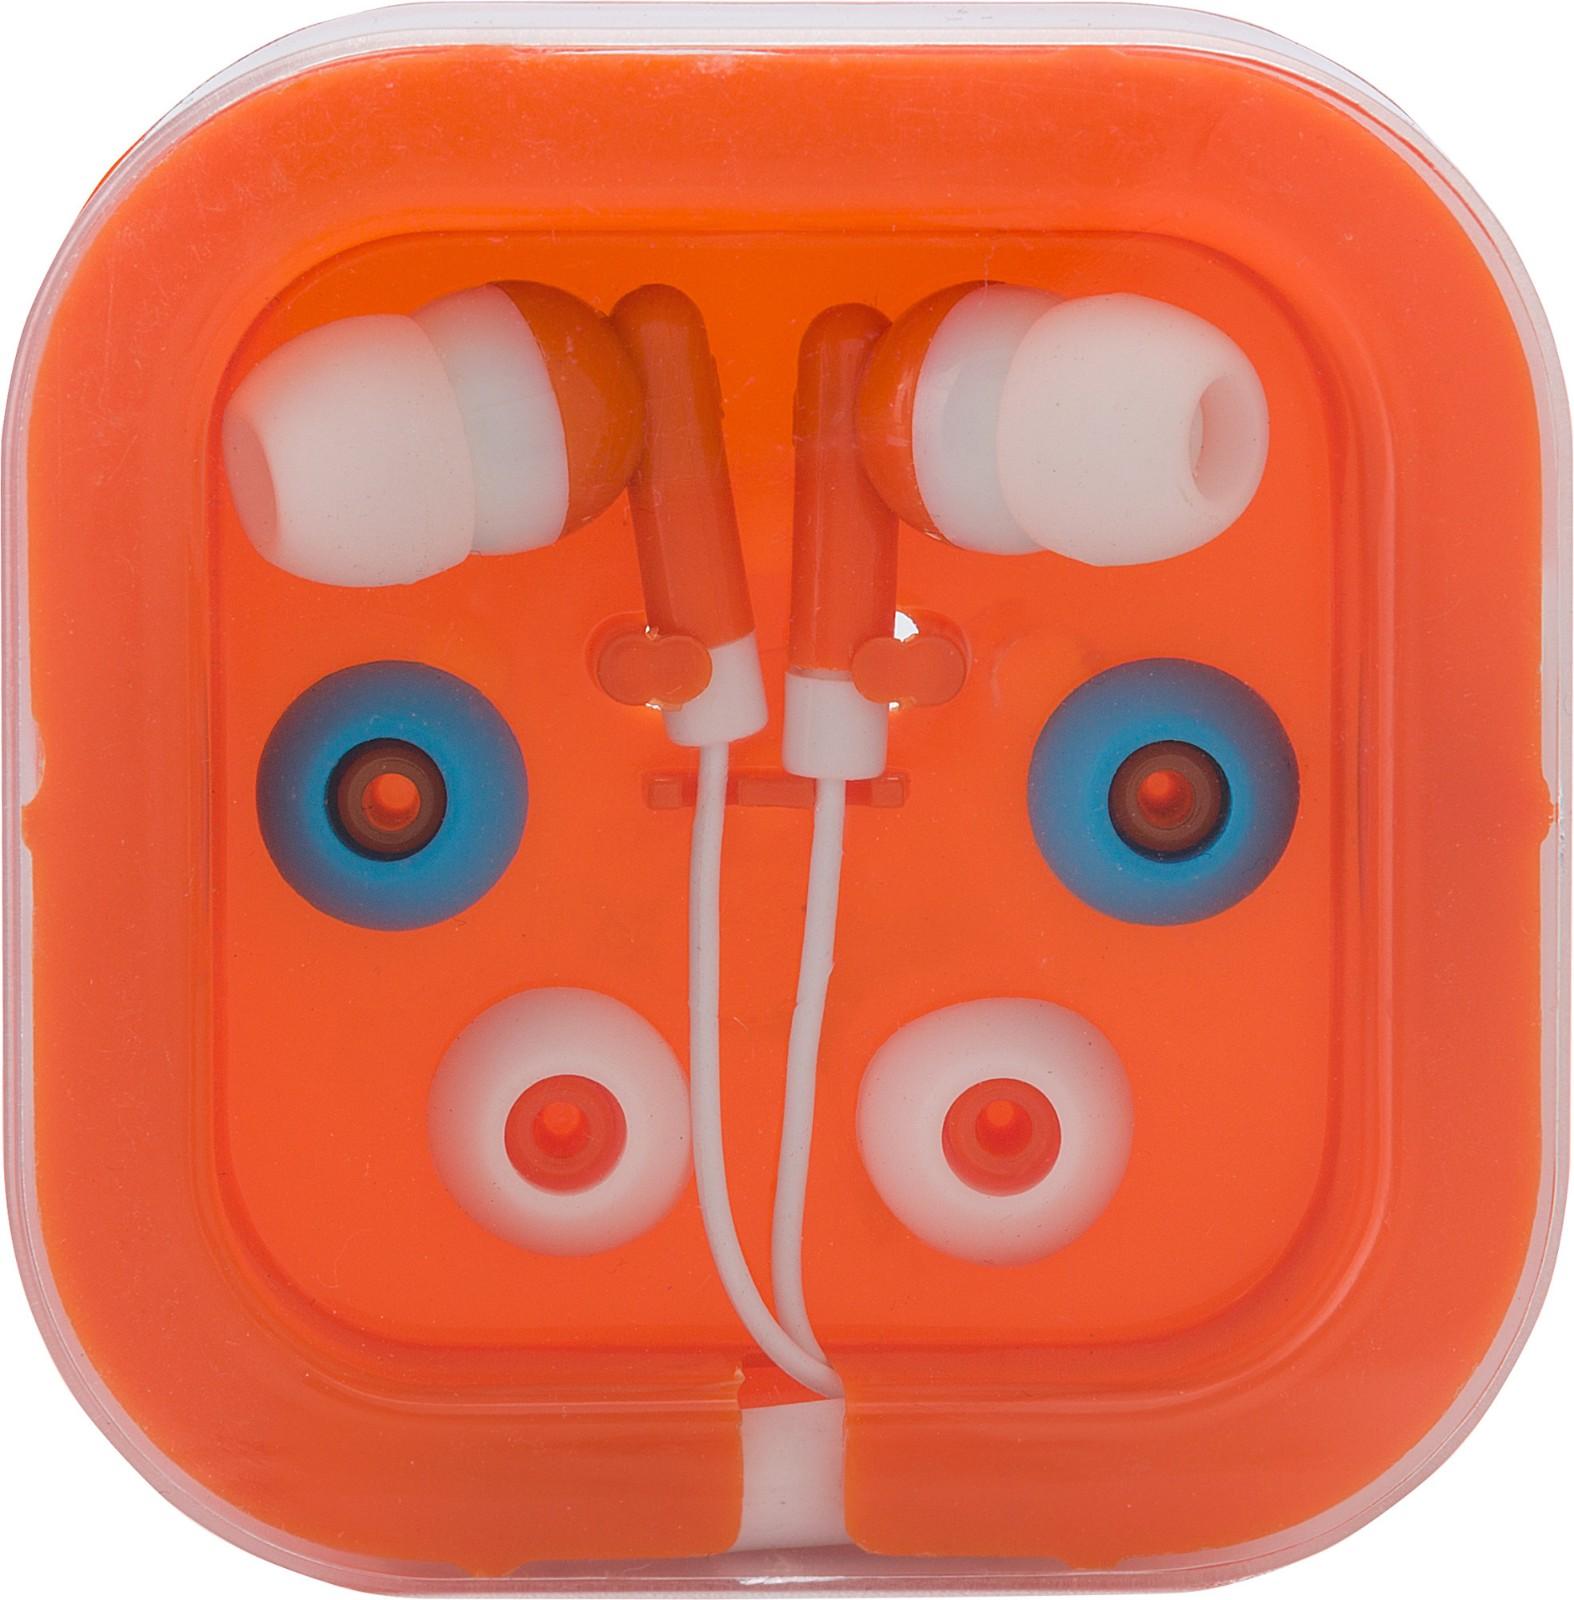 ABS earphones - Orange